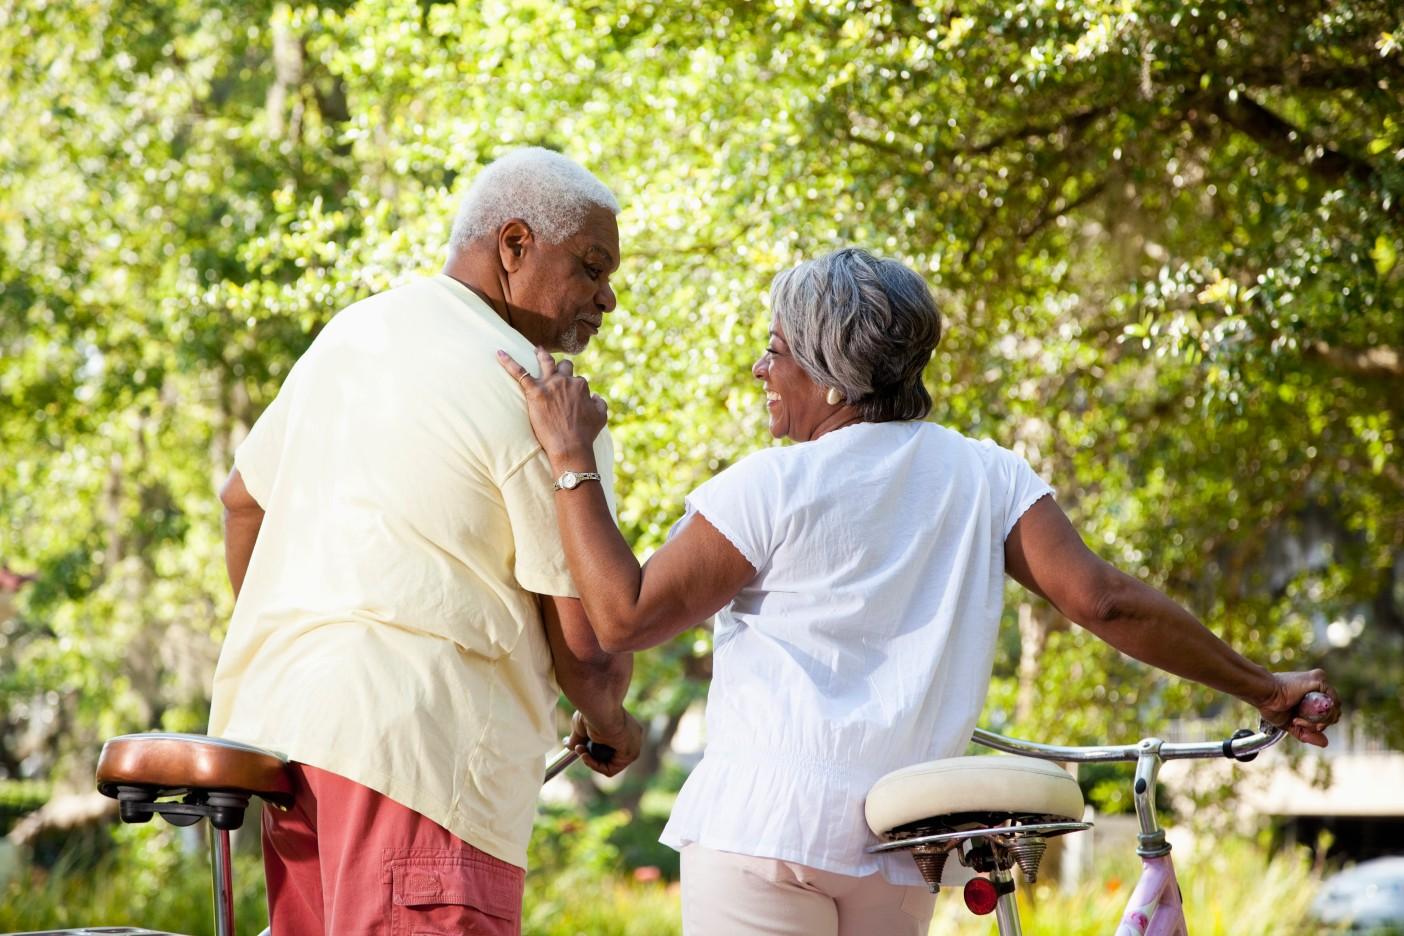 magas vérnyomásban szenvedő ember a hipertónia fűszerezése